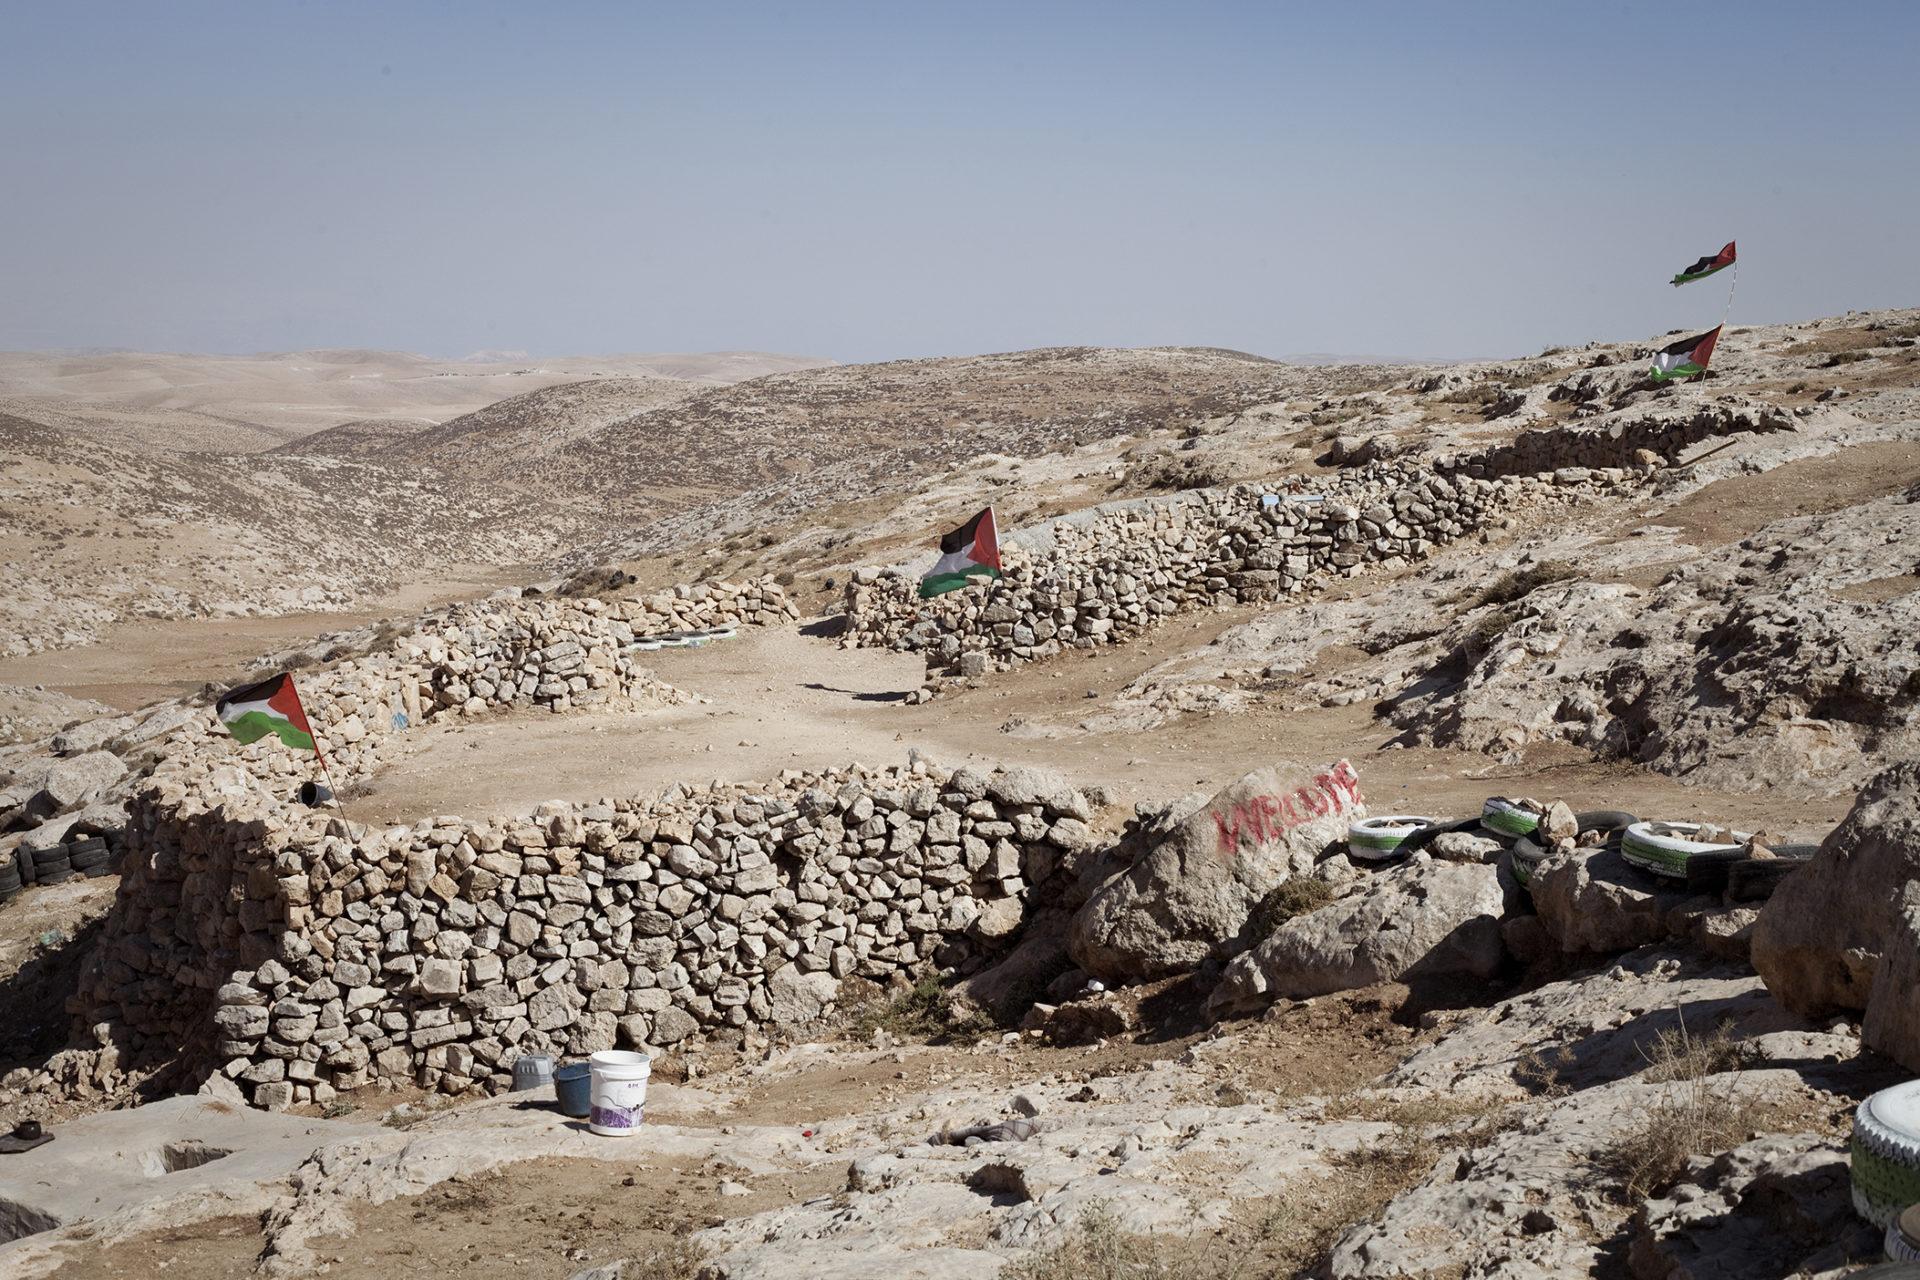 Mouvement pacifiste de Palestiniens tentant de récupérer leurs terres en Cisjordanie